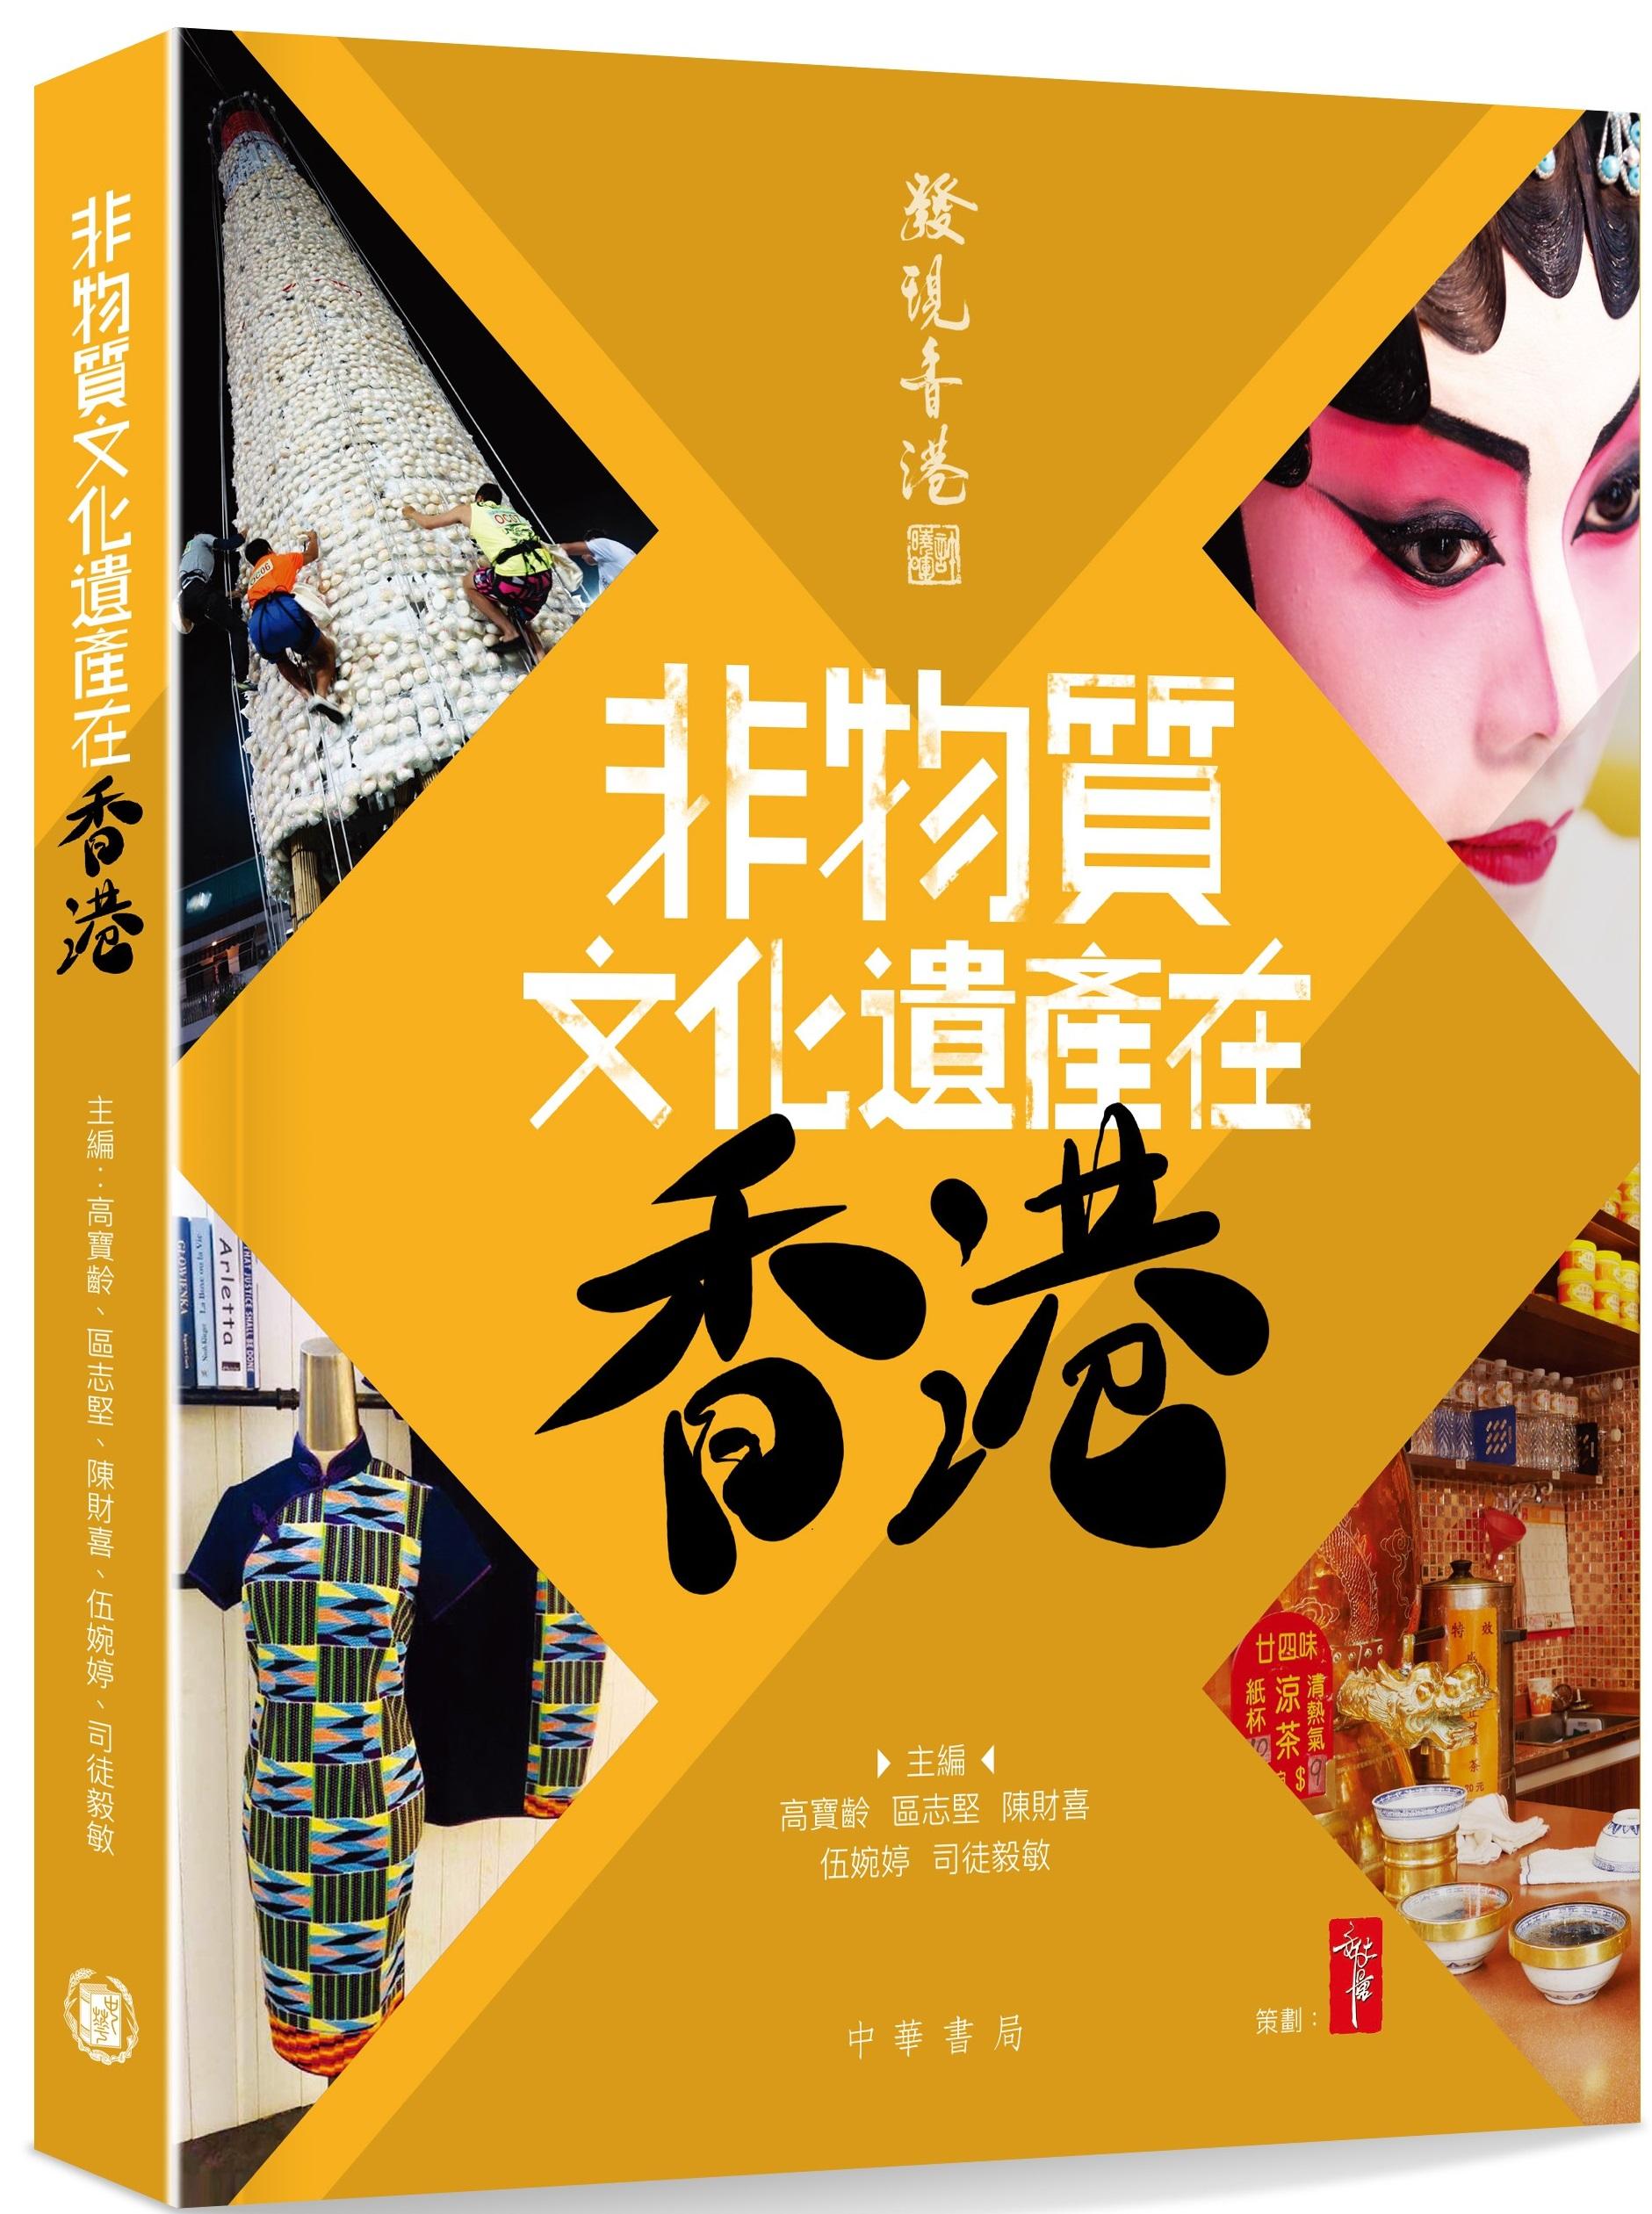 發現香港——非物質文化遺產在香港